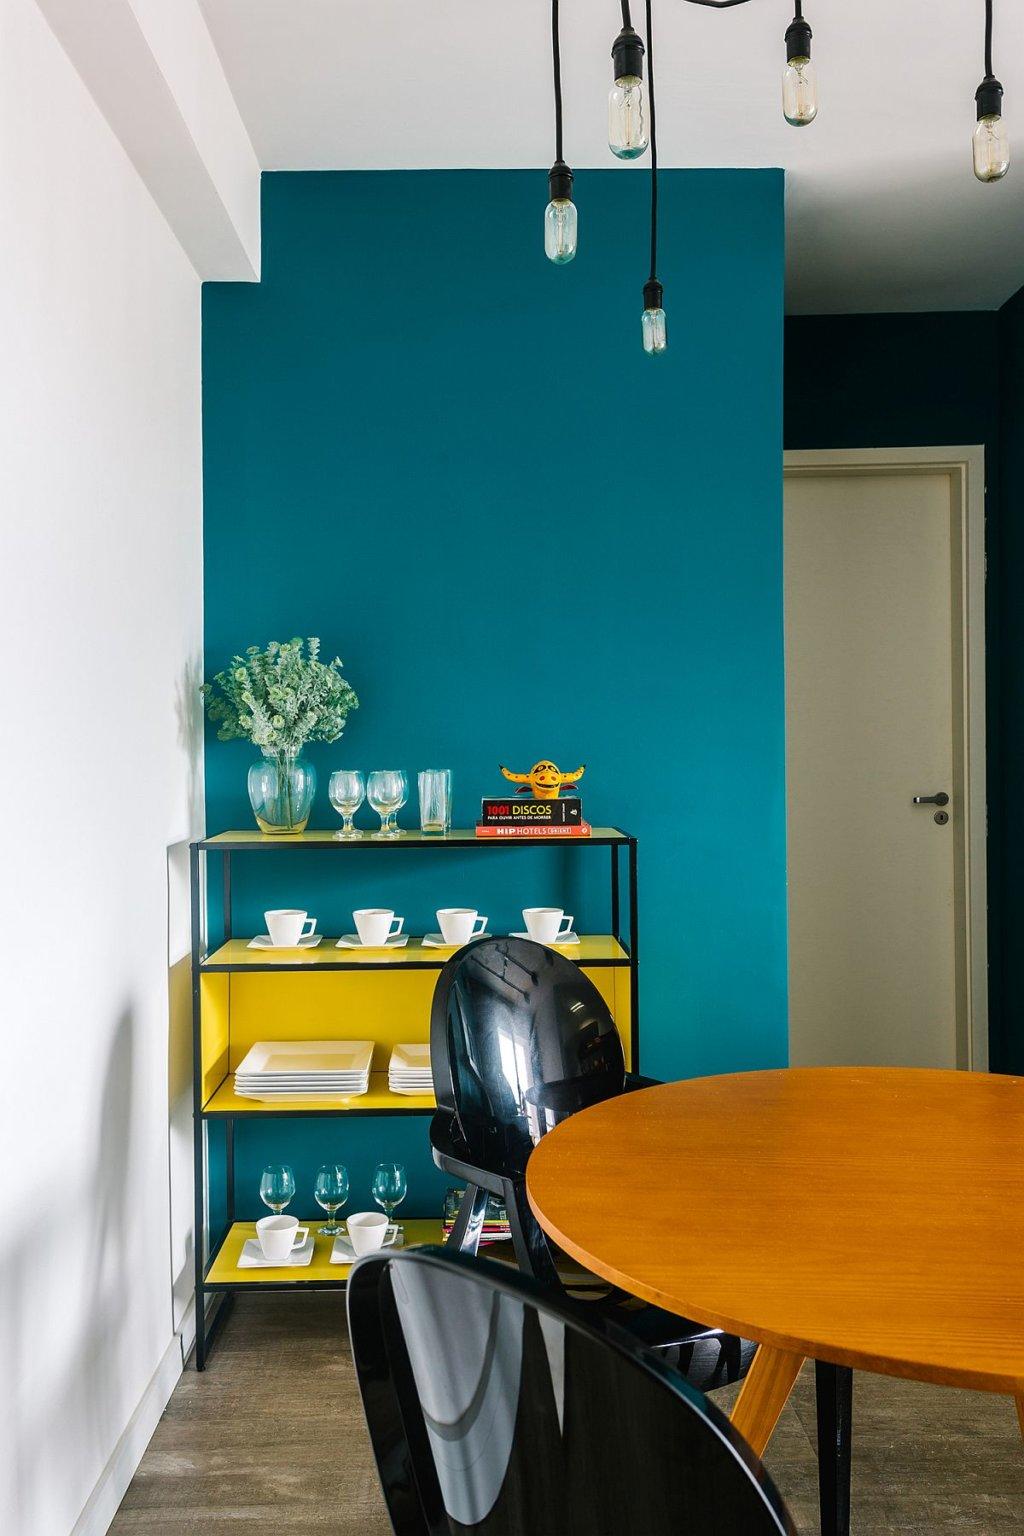 Đèn thả bóng Edison kiểu công nghiệp tối giản tạo điểm nhấn cho khu vực ăn uống bên cạnh không gian tiếp khách.